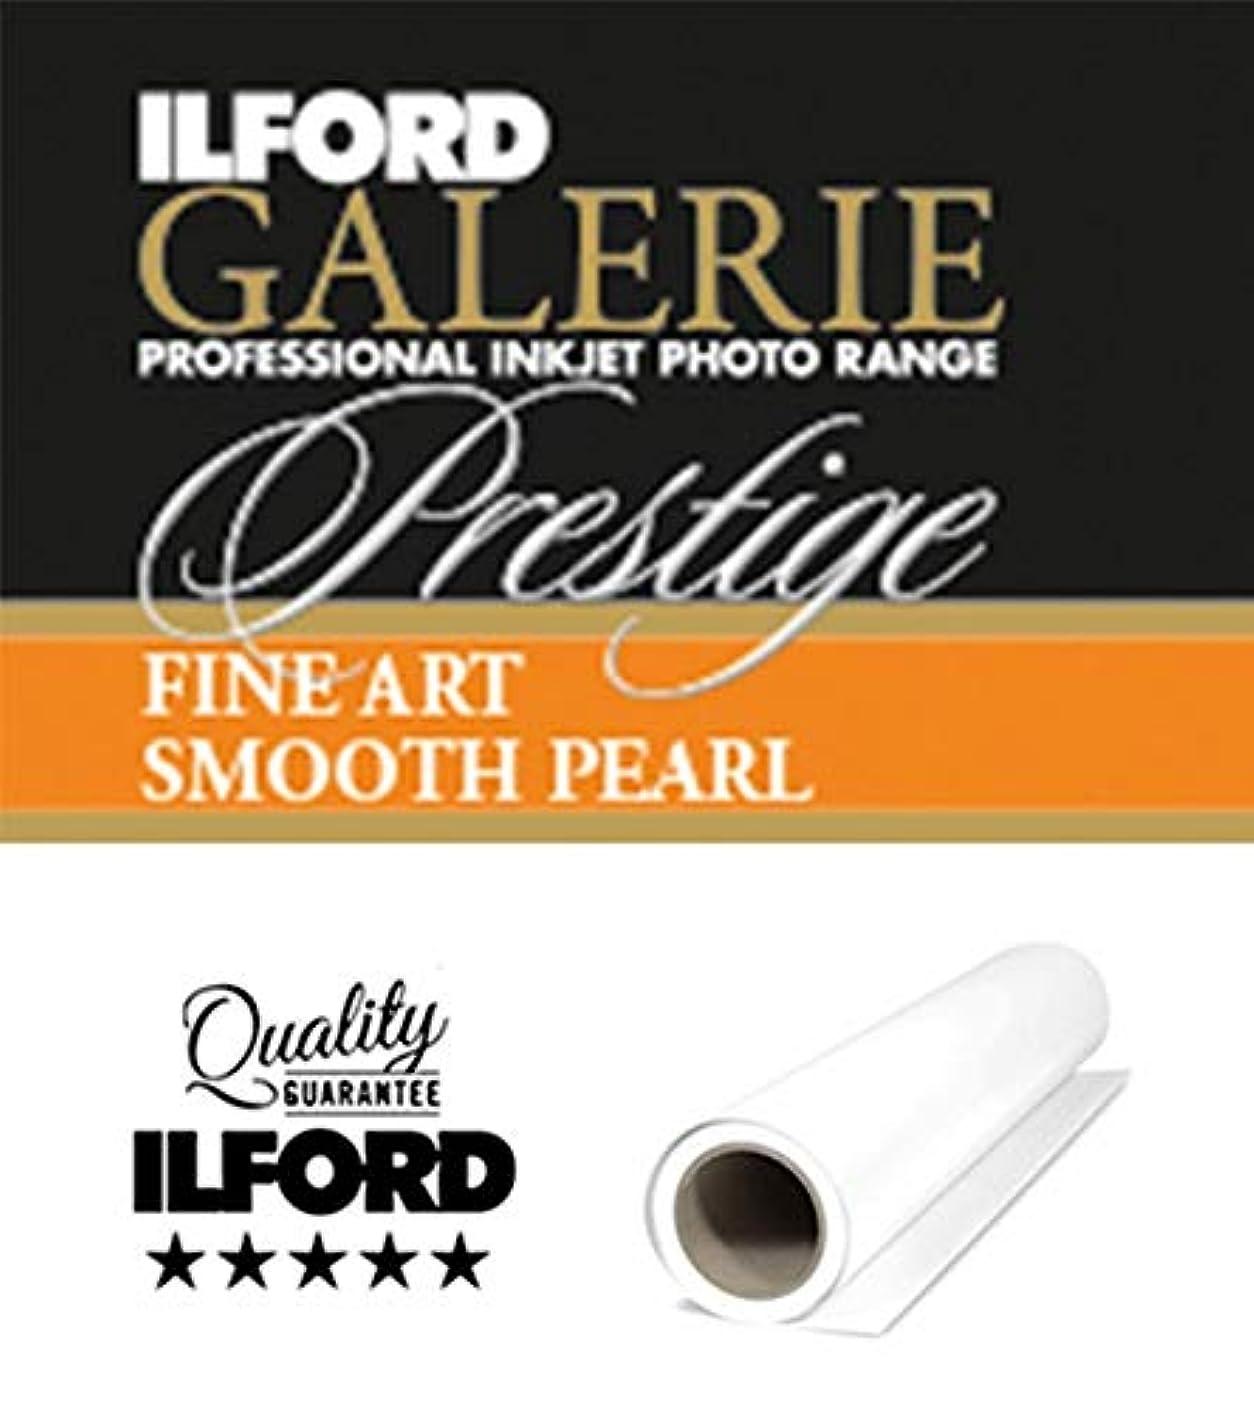 学校ありがたい楽なイルフォード インクジェット用紙 ファインアート スムースパール 厚手 スムースマット面質 432mm×15mロール 3インチILFORD GALERIE FineArt Smooth Pearl ギャラリー ファインアート マット 432620